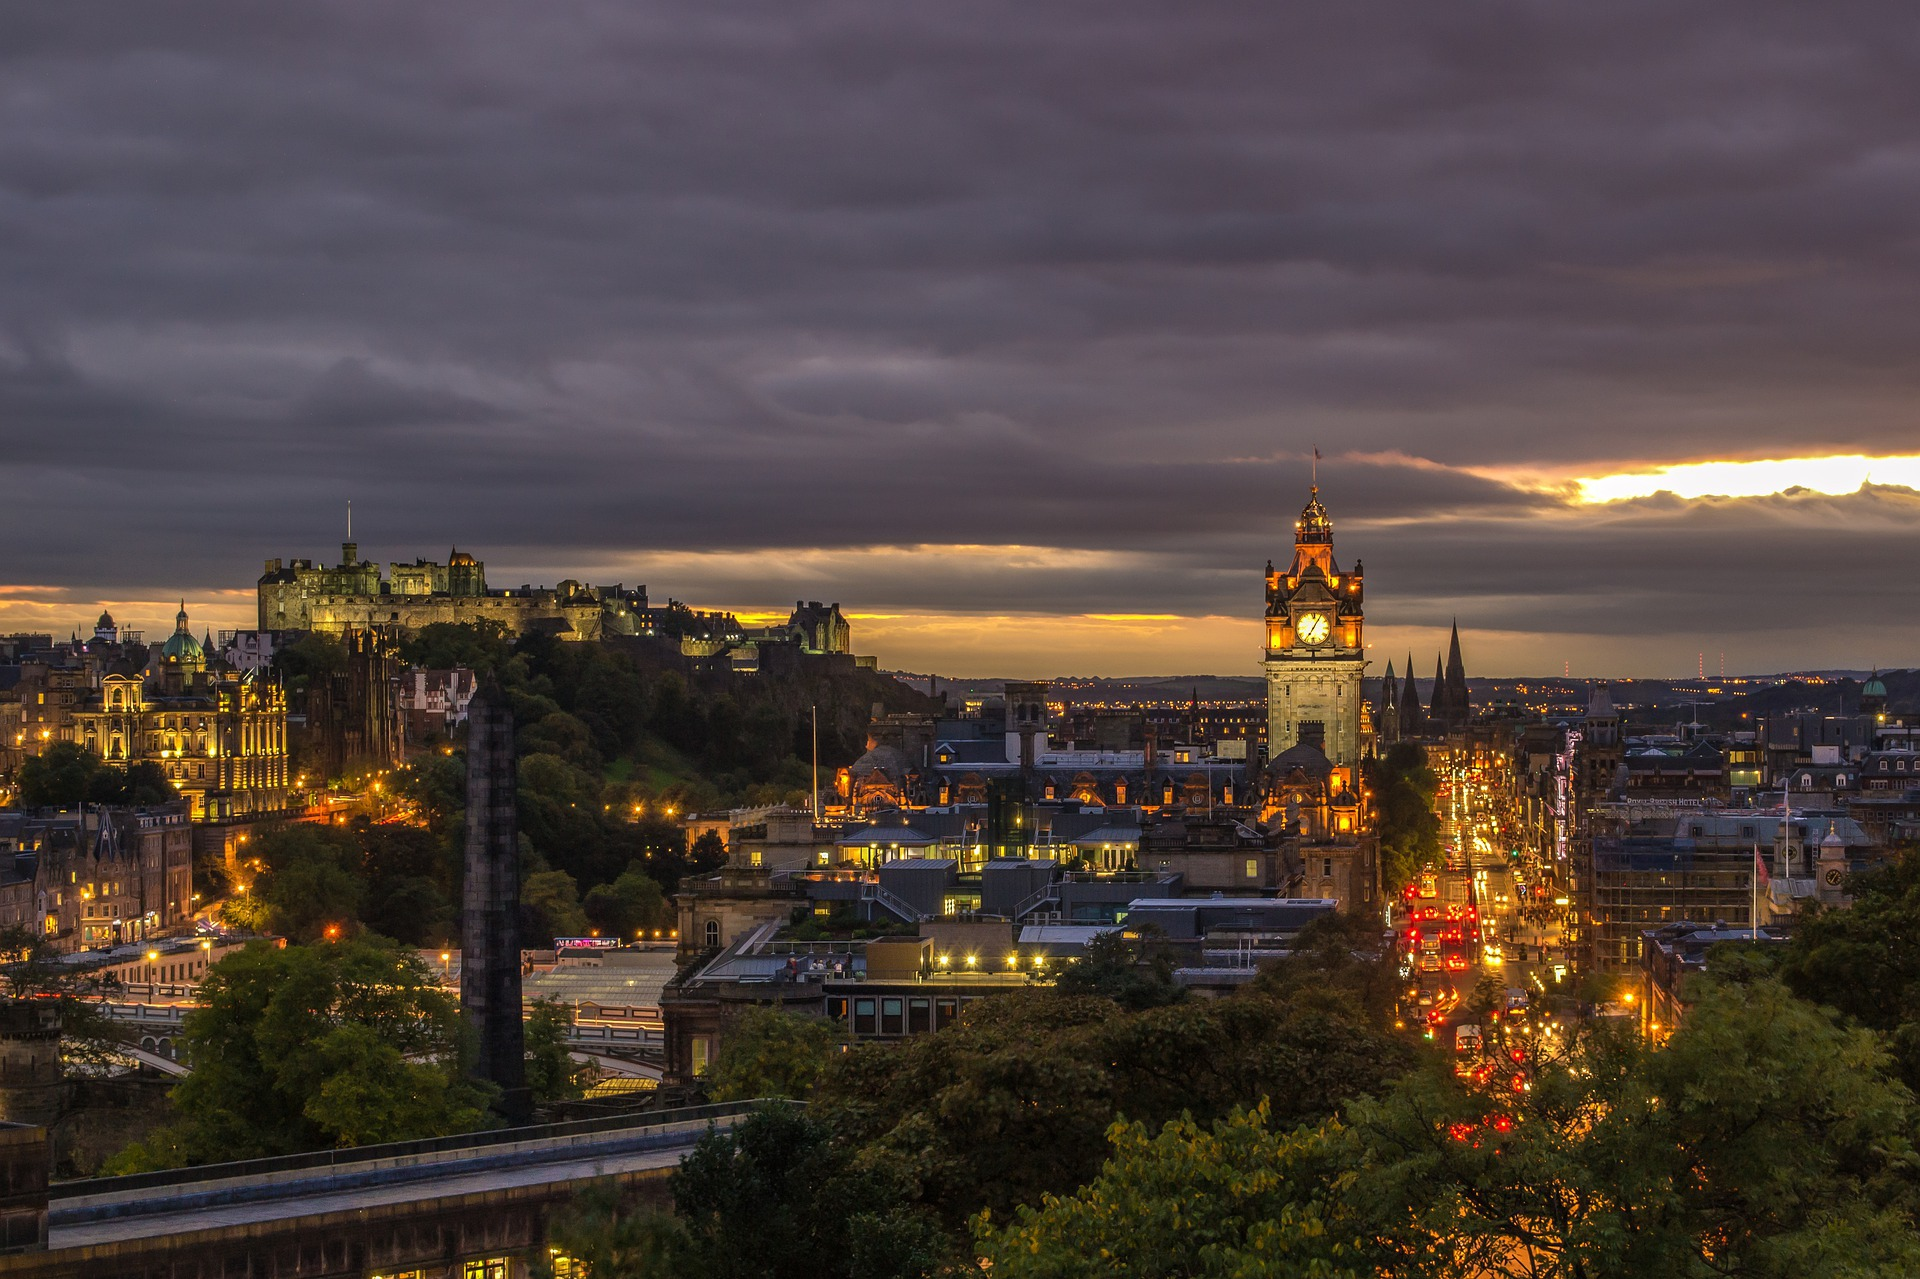 вид на Эдинбург из Калтон-Хилл